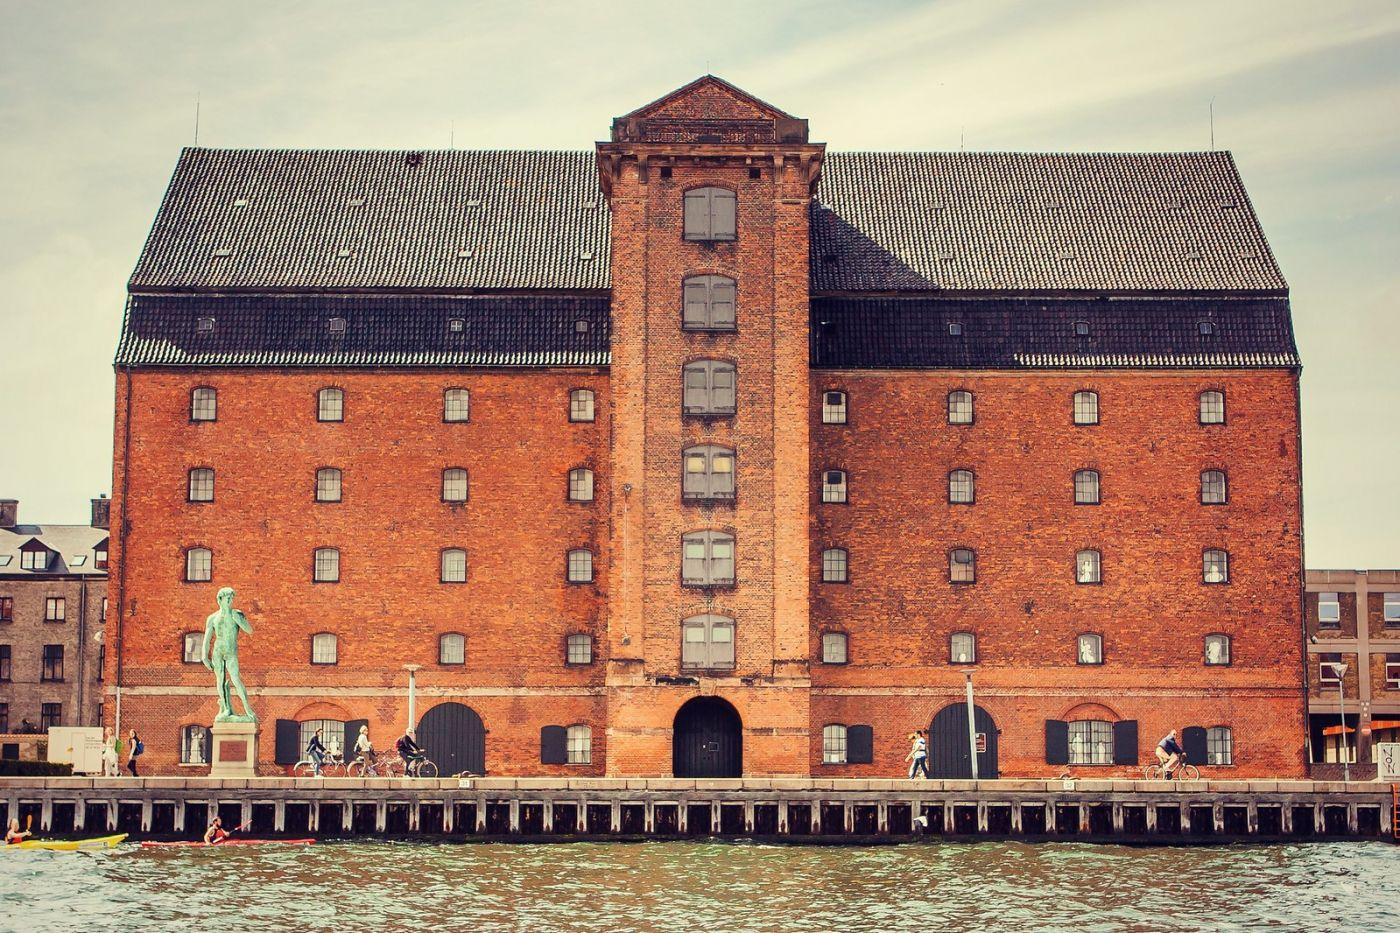 丹麦哥本哈根,新旧融合的城市_图1-38